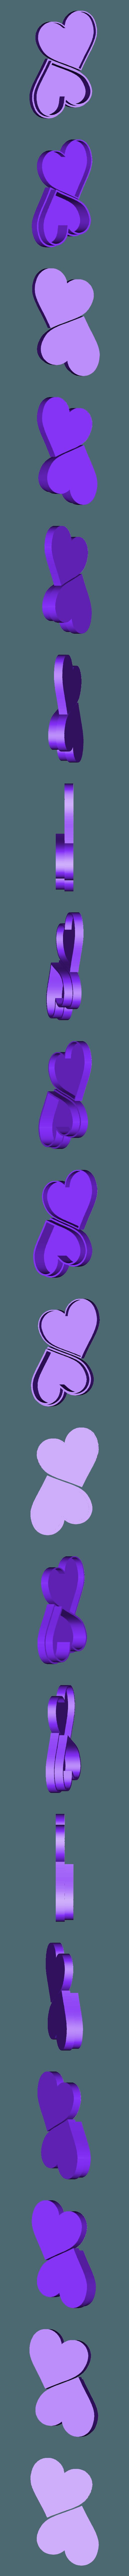 Boite en cœur.stl Télécharger fichier OBJ gratuit Boite en coeur • Design pour impression 3D, ryad36